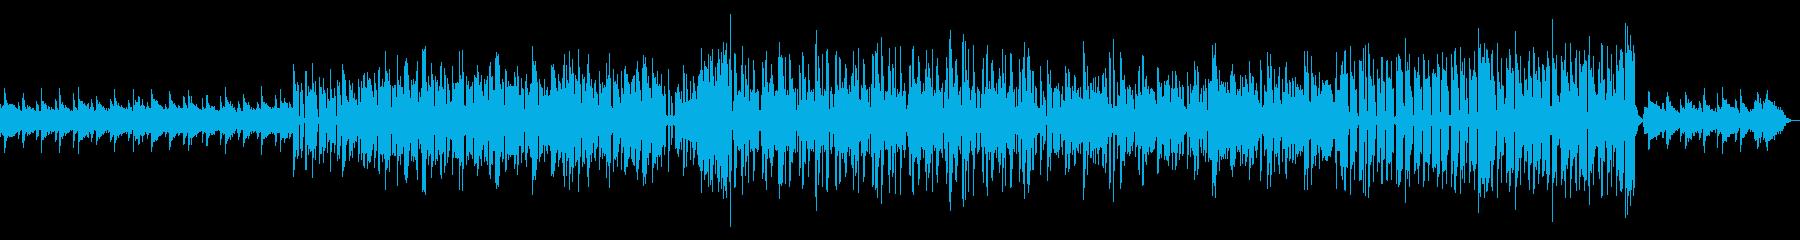 オルゴールとシンセサイザーの優しいポップの再生済みの波形